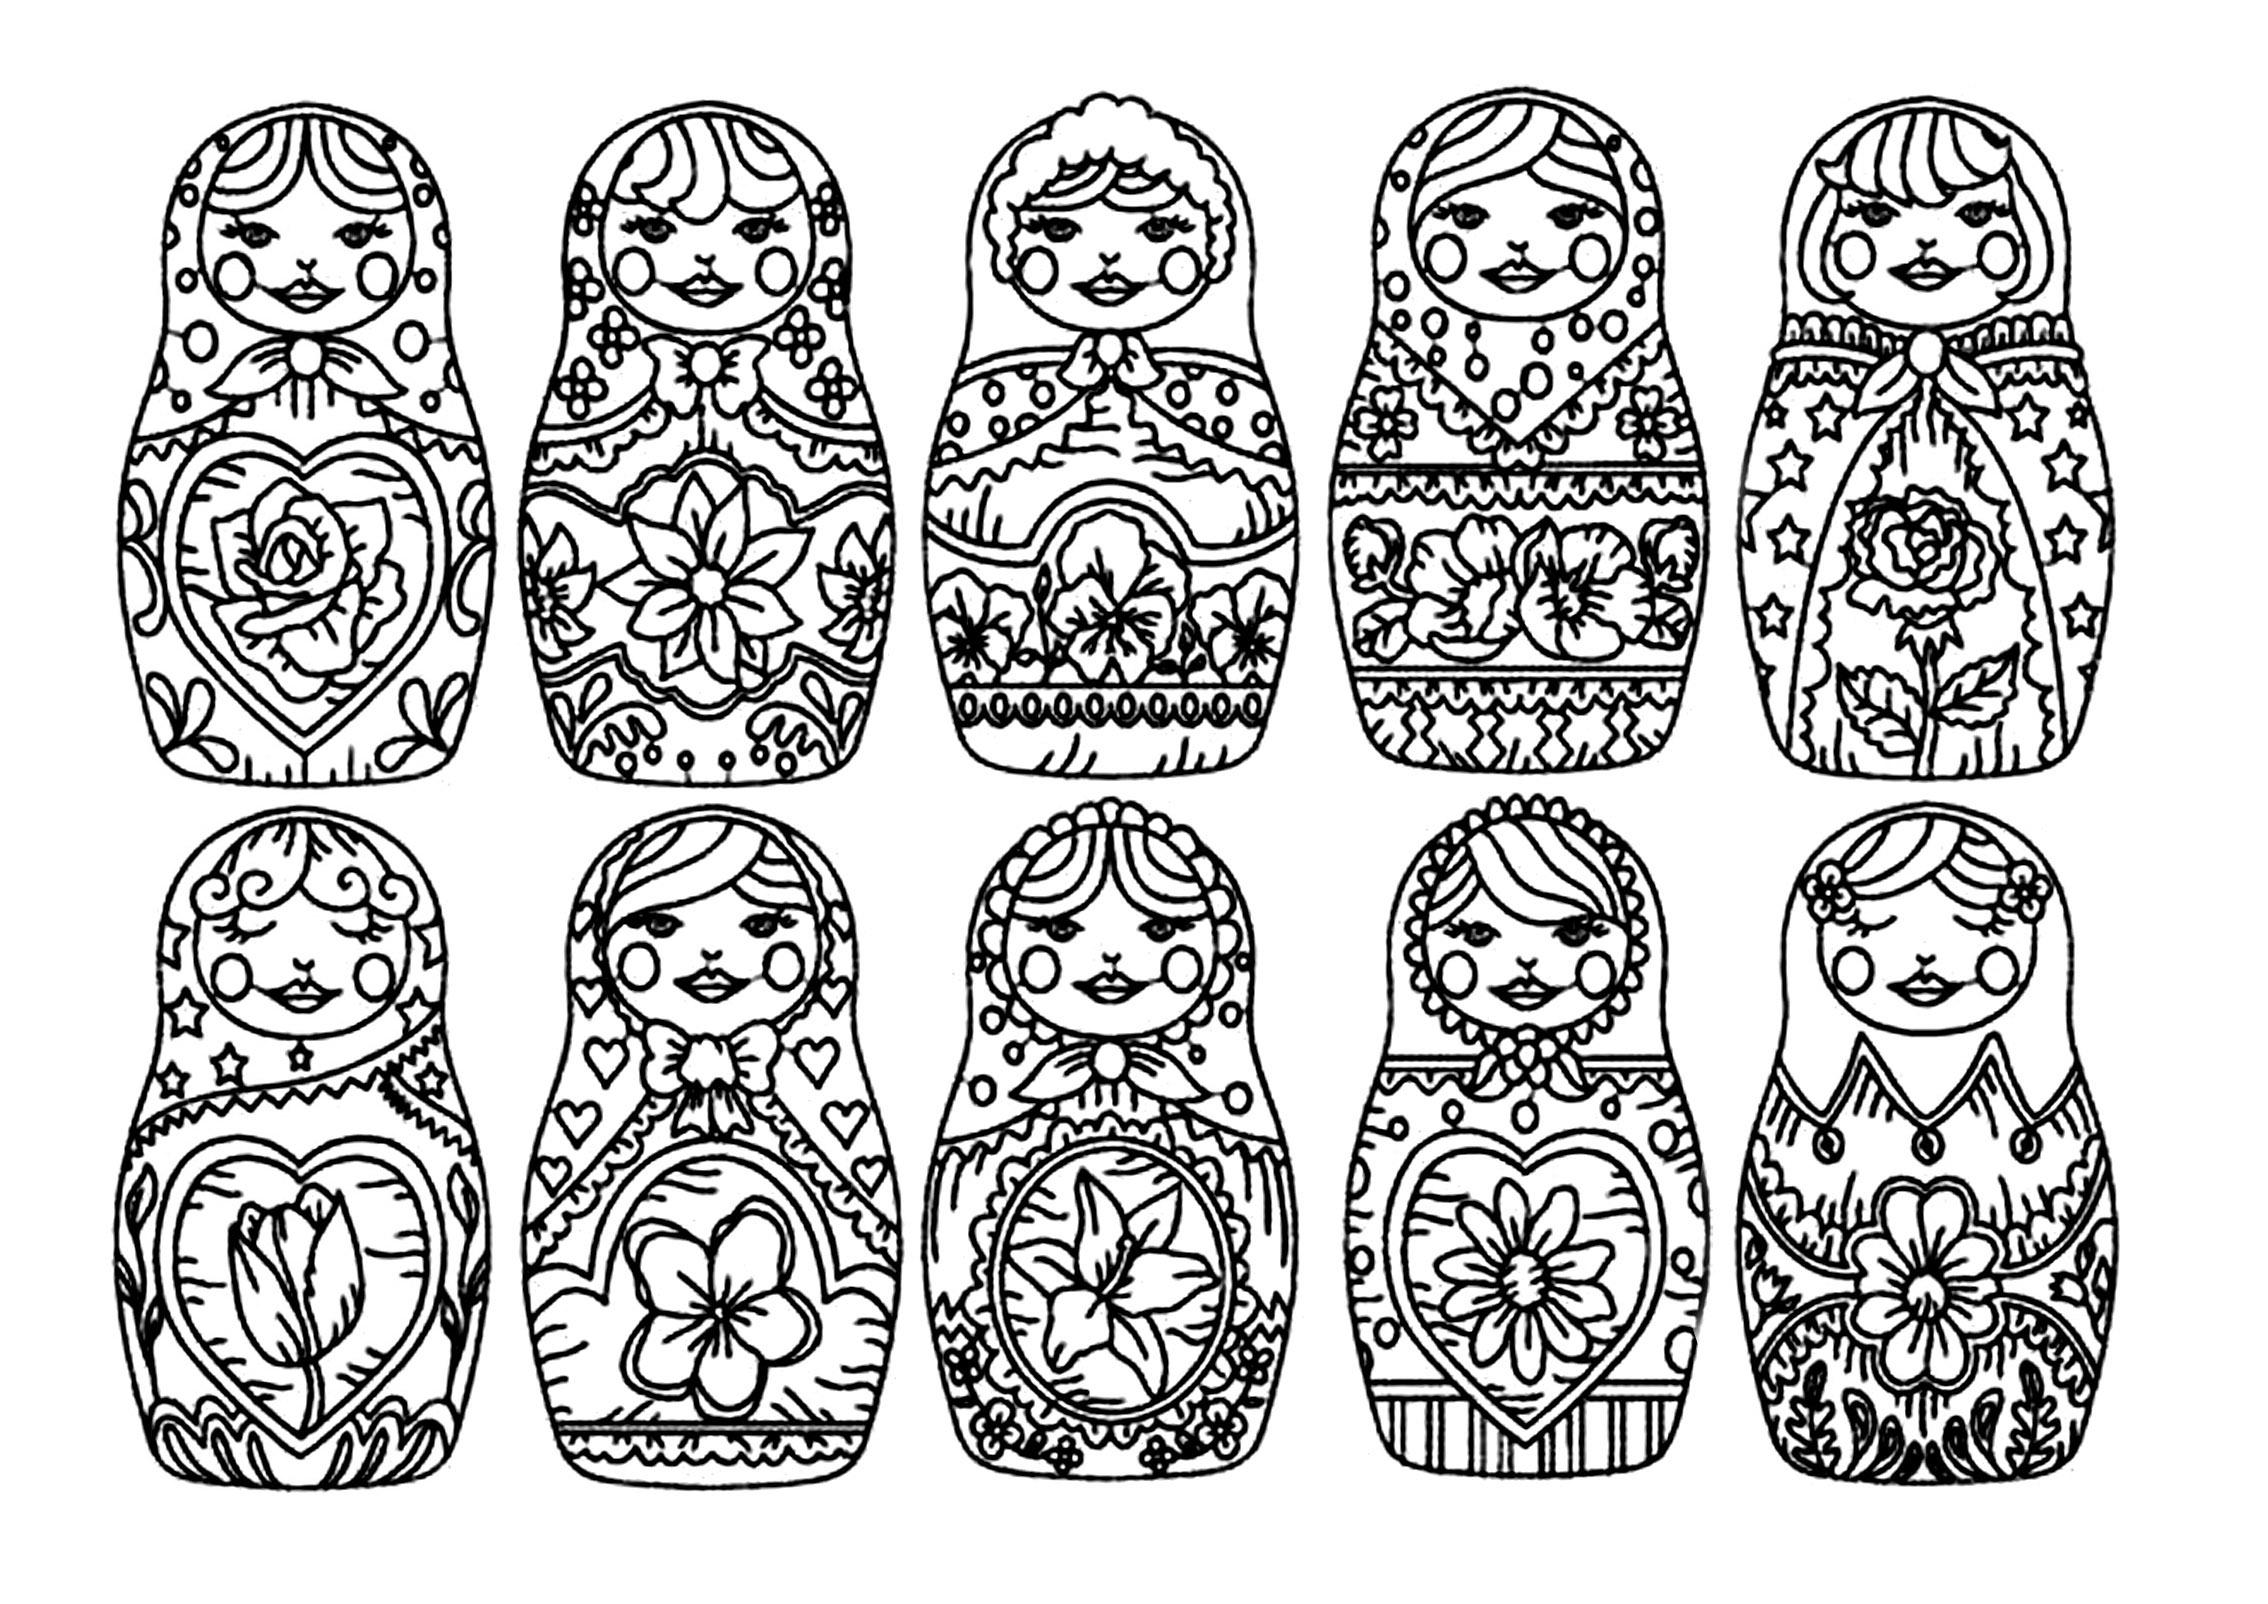 Disegni da colorare per adulti : Bambole russe - 10